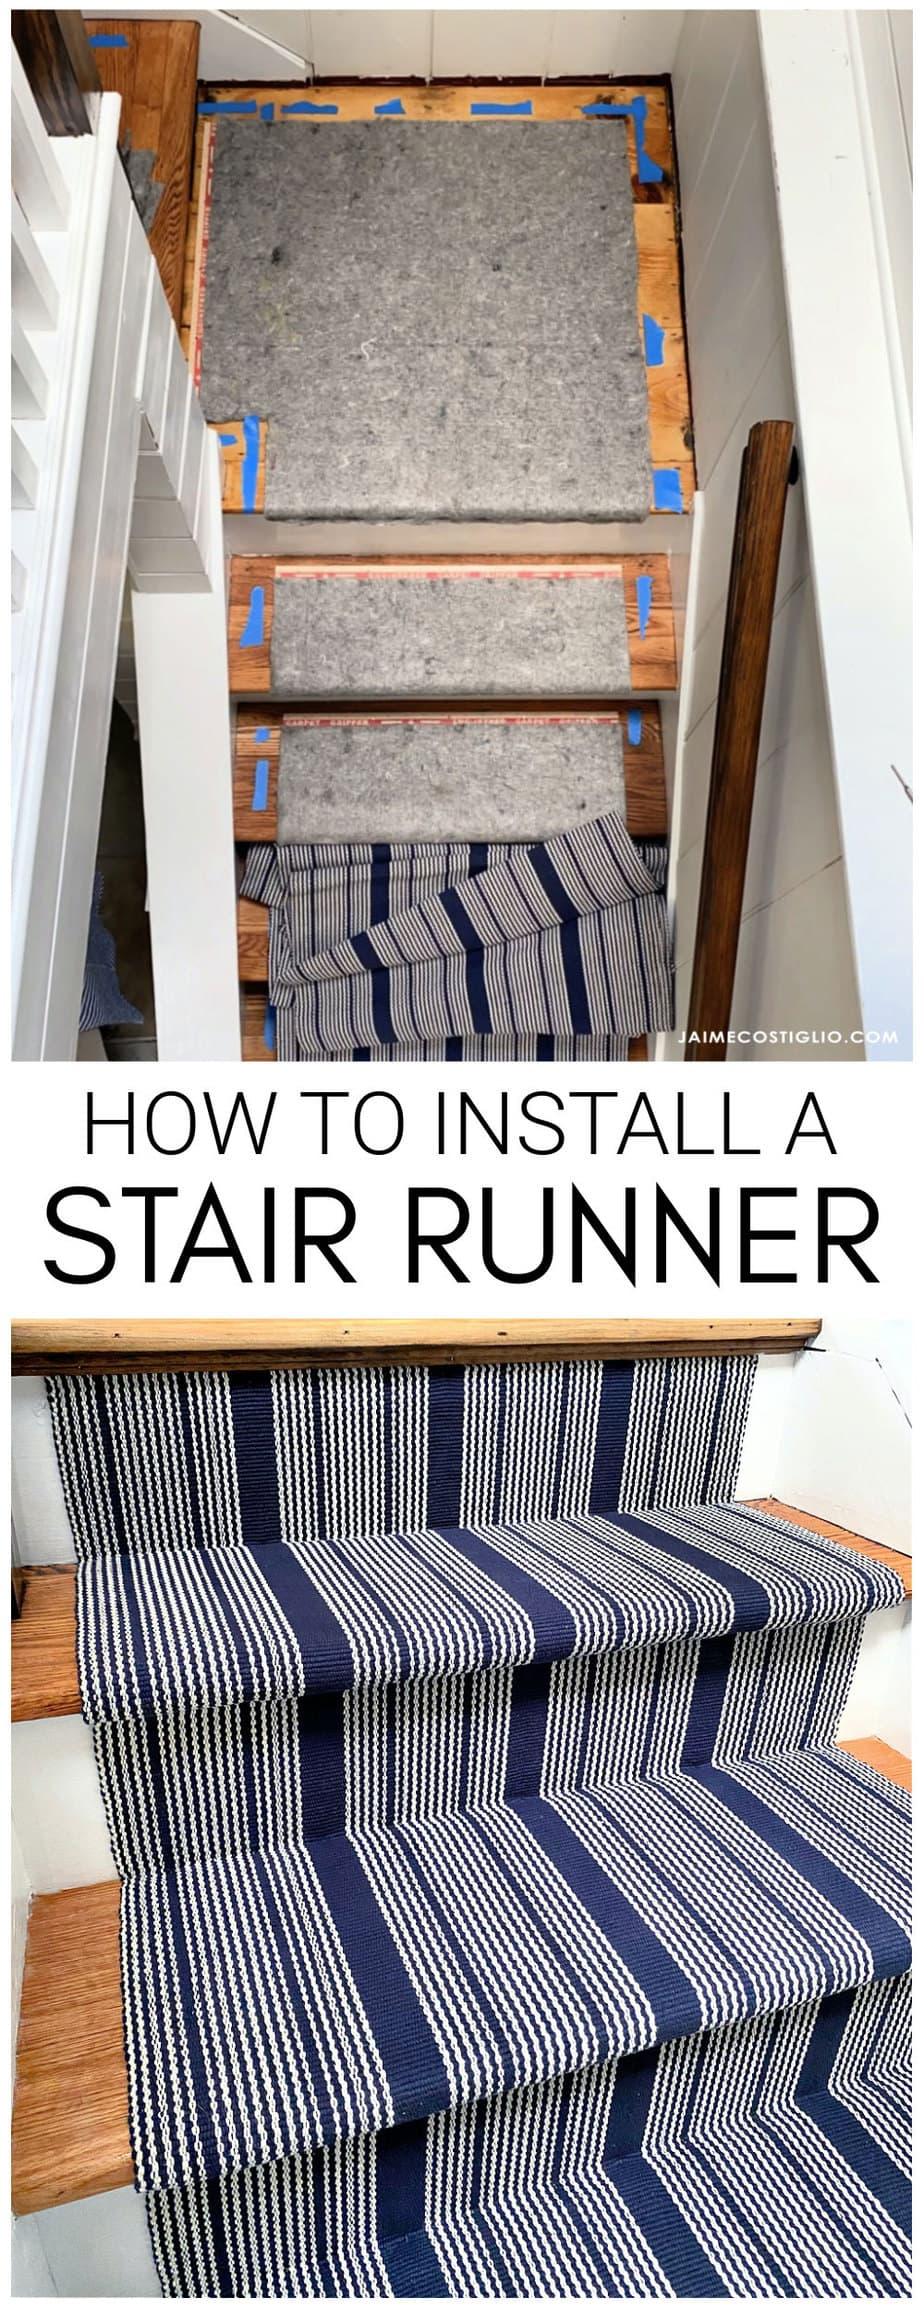 installing a woven stair runner